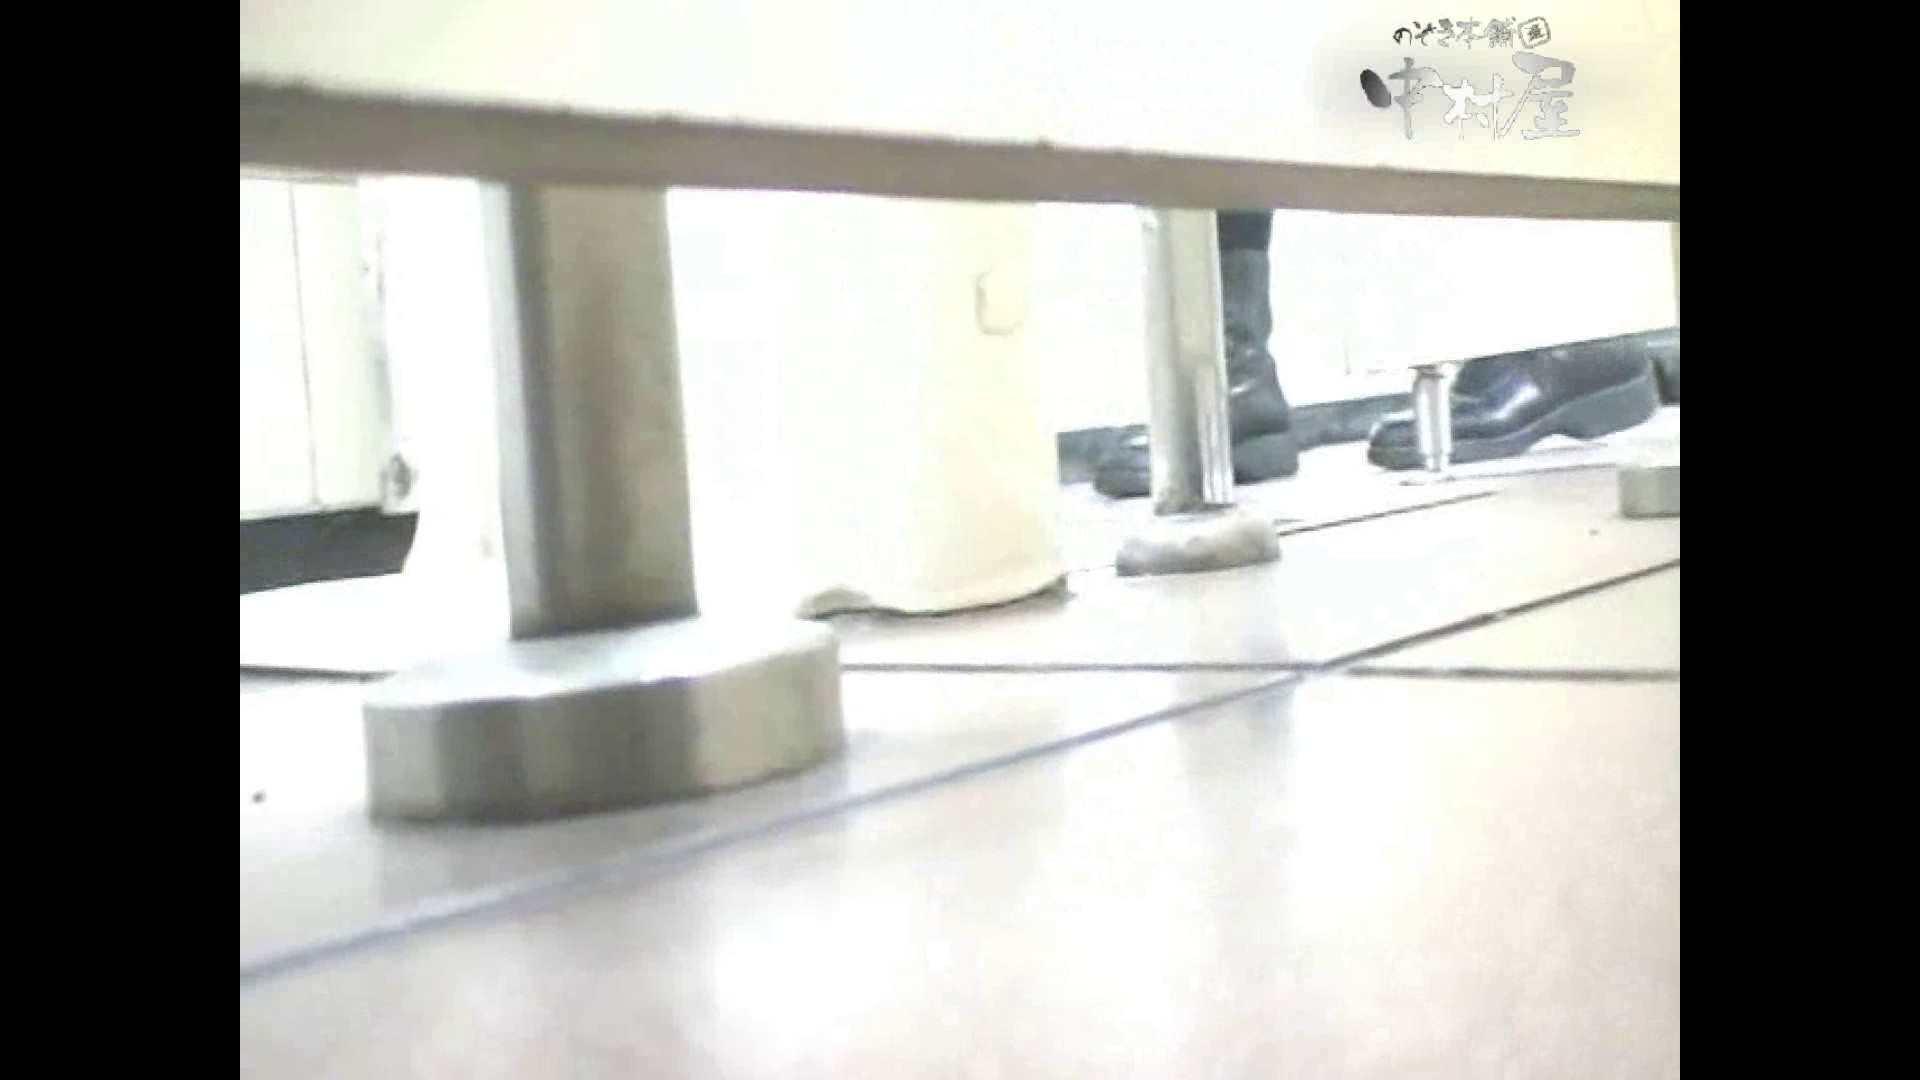 岩手県在住盗撮師盗撮記録vol.28 モロだしオマンコ ヌード画像 79pic 22